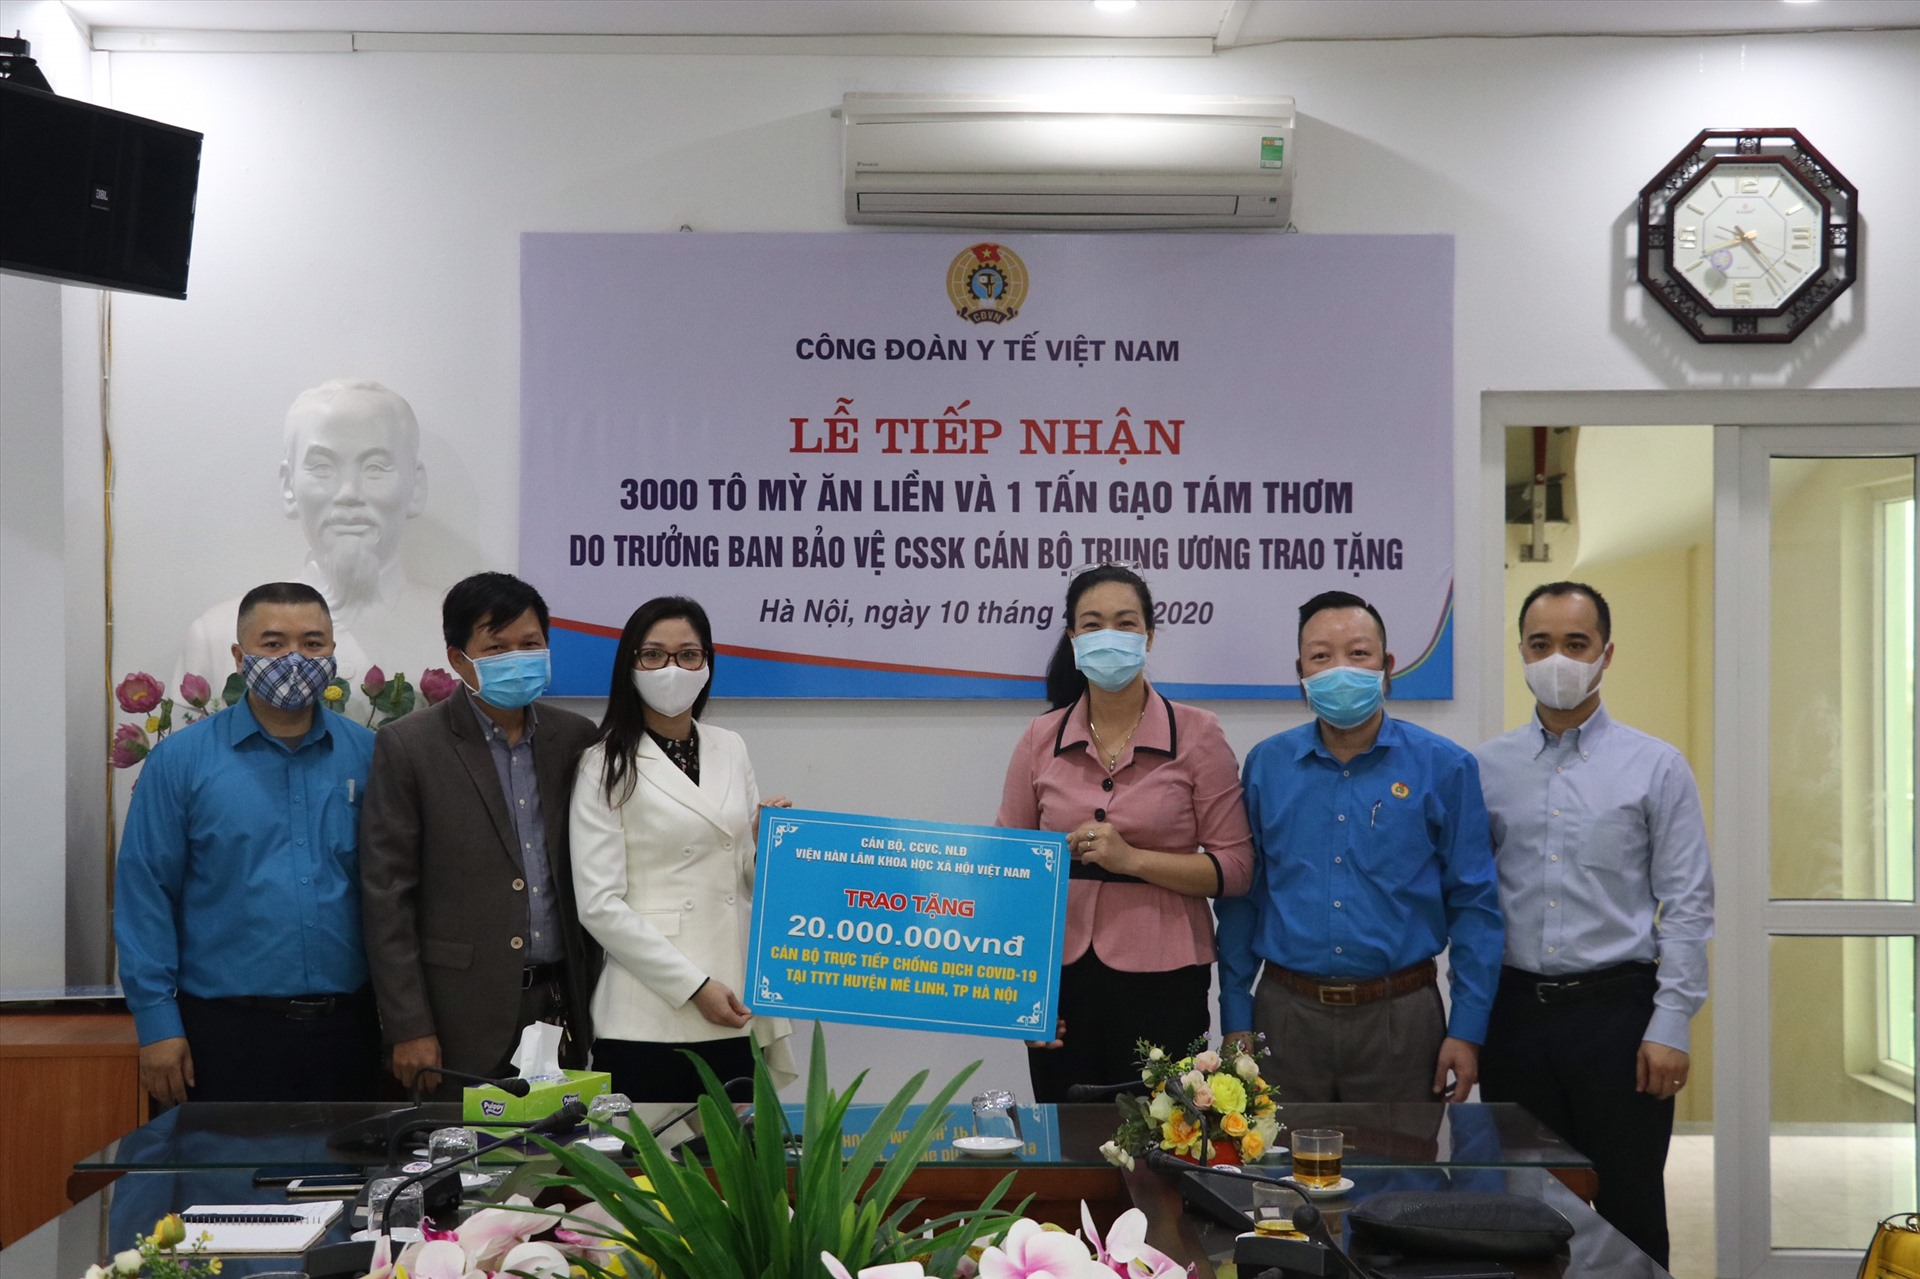 Lãnh đạo Công đoàn Y tế Việt Nam tặng quà, trao hỗ trợ cán bộ, nhân viên y tế Trung tâm Y tế huyện Mê Linh và cán bộ y tế xã Hạ Lôi. Ảnh: CĐYT